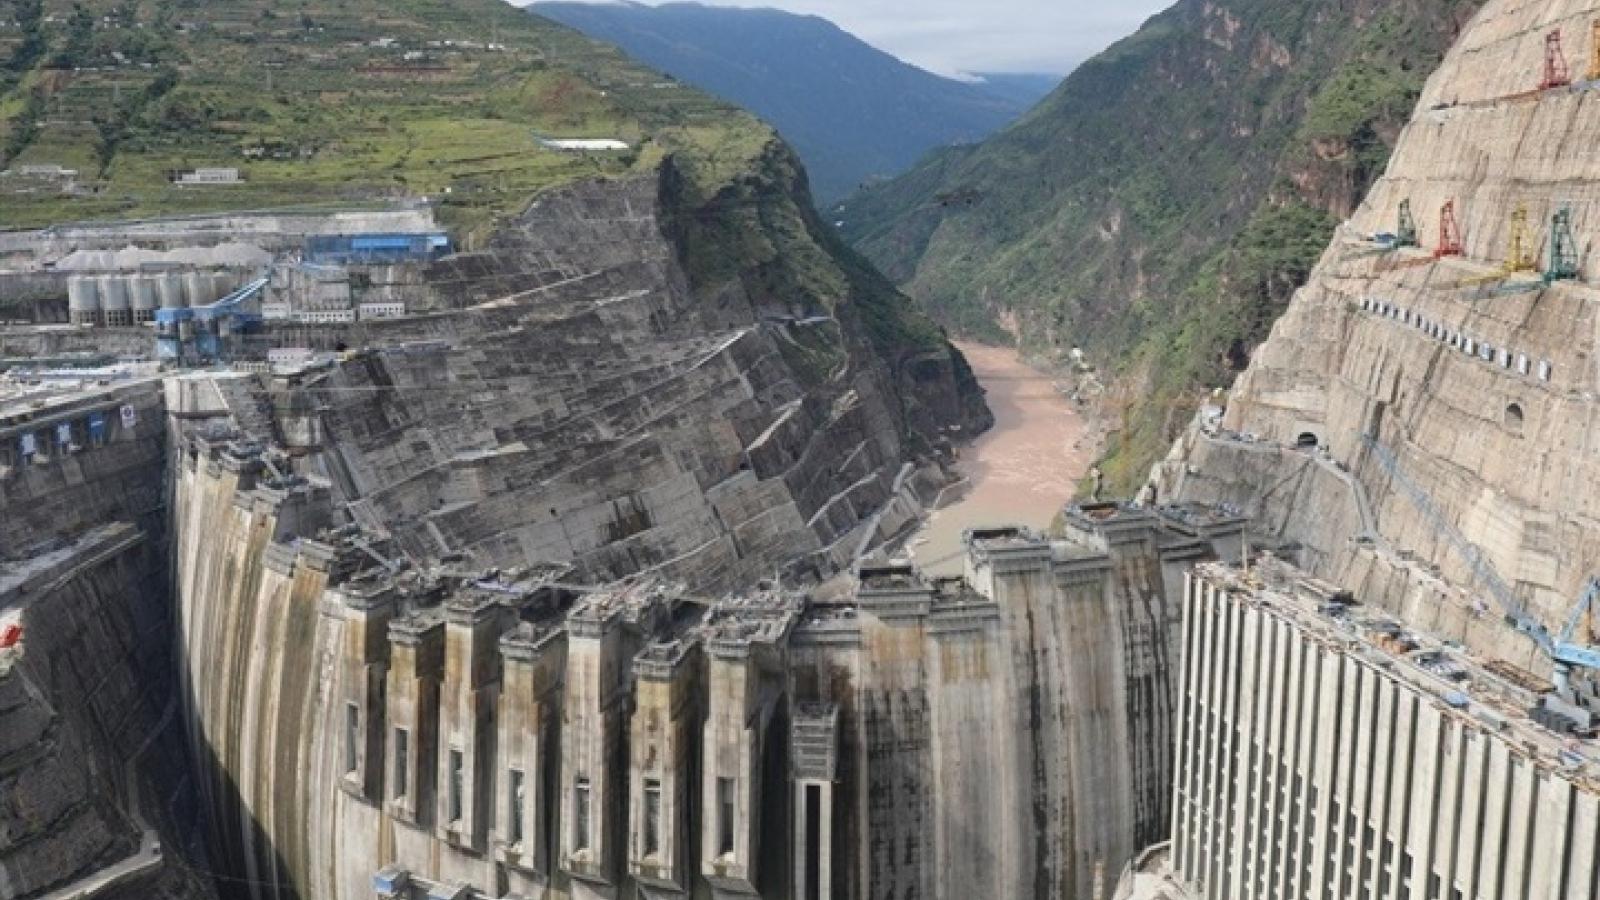 Trung Quốc sẽ vận hành nhà máy thủy điện lớn thứ 2 thế giới sau đập Tam Hiệp vào tháng 7